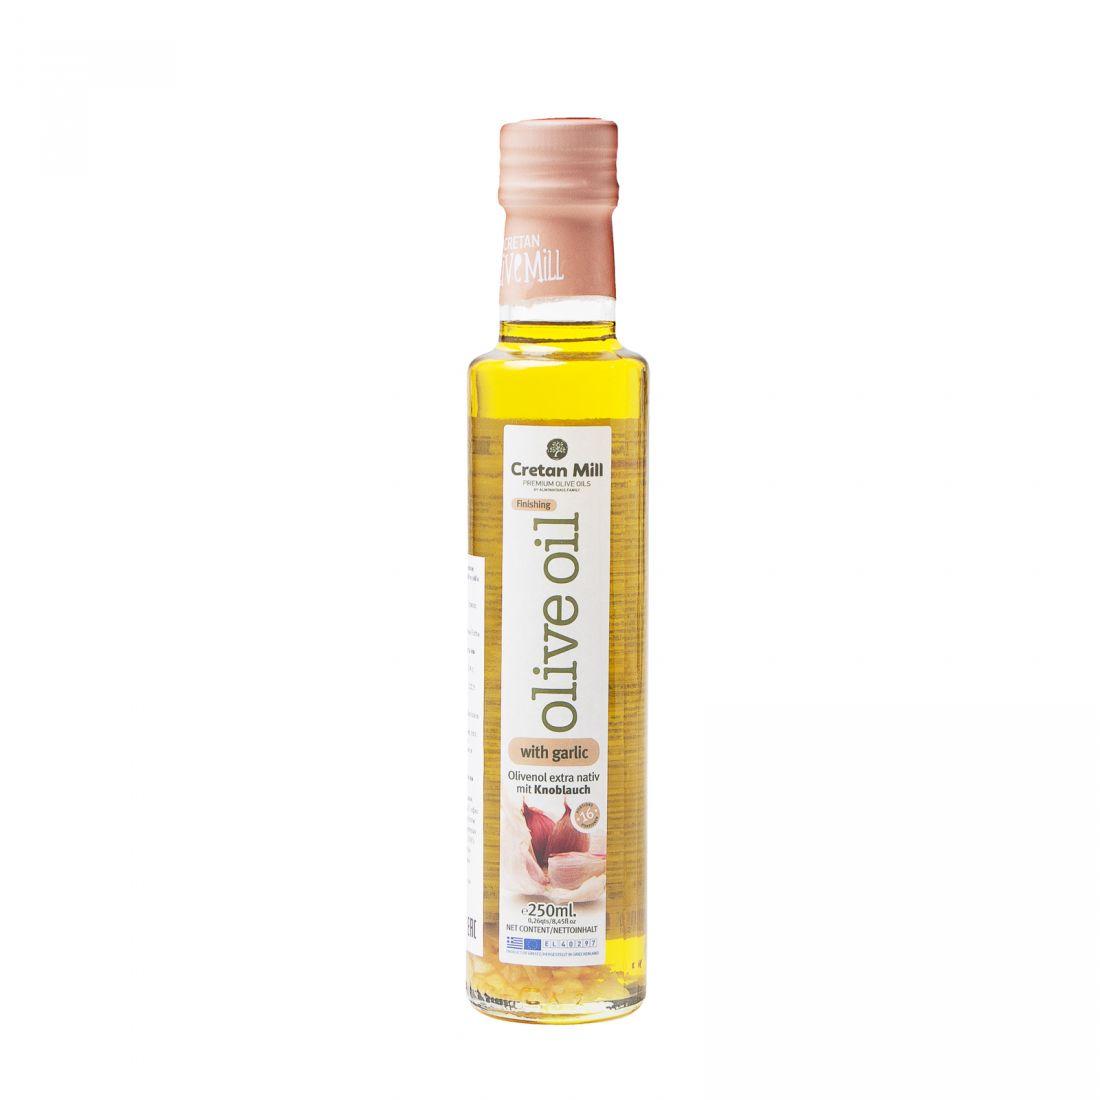 Оливковое масло с чесноком CRETAN MILL  - 250 мл экстра вирджин